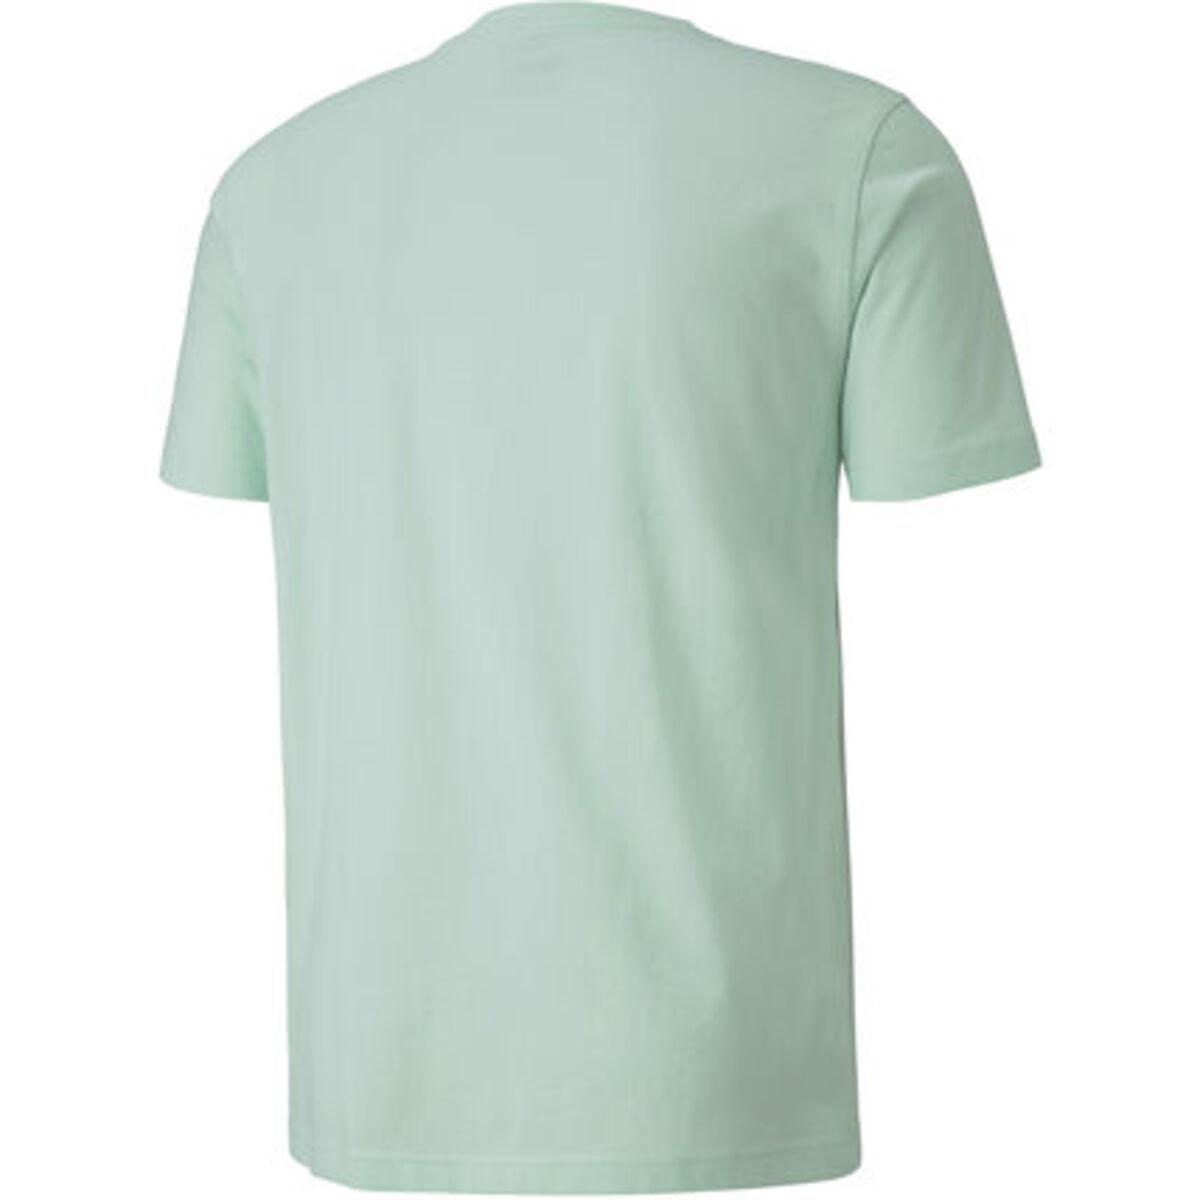 """Bild 2 von Puma T-Shirt """"Box"""", für Herren"""